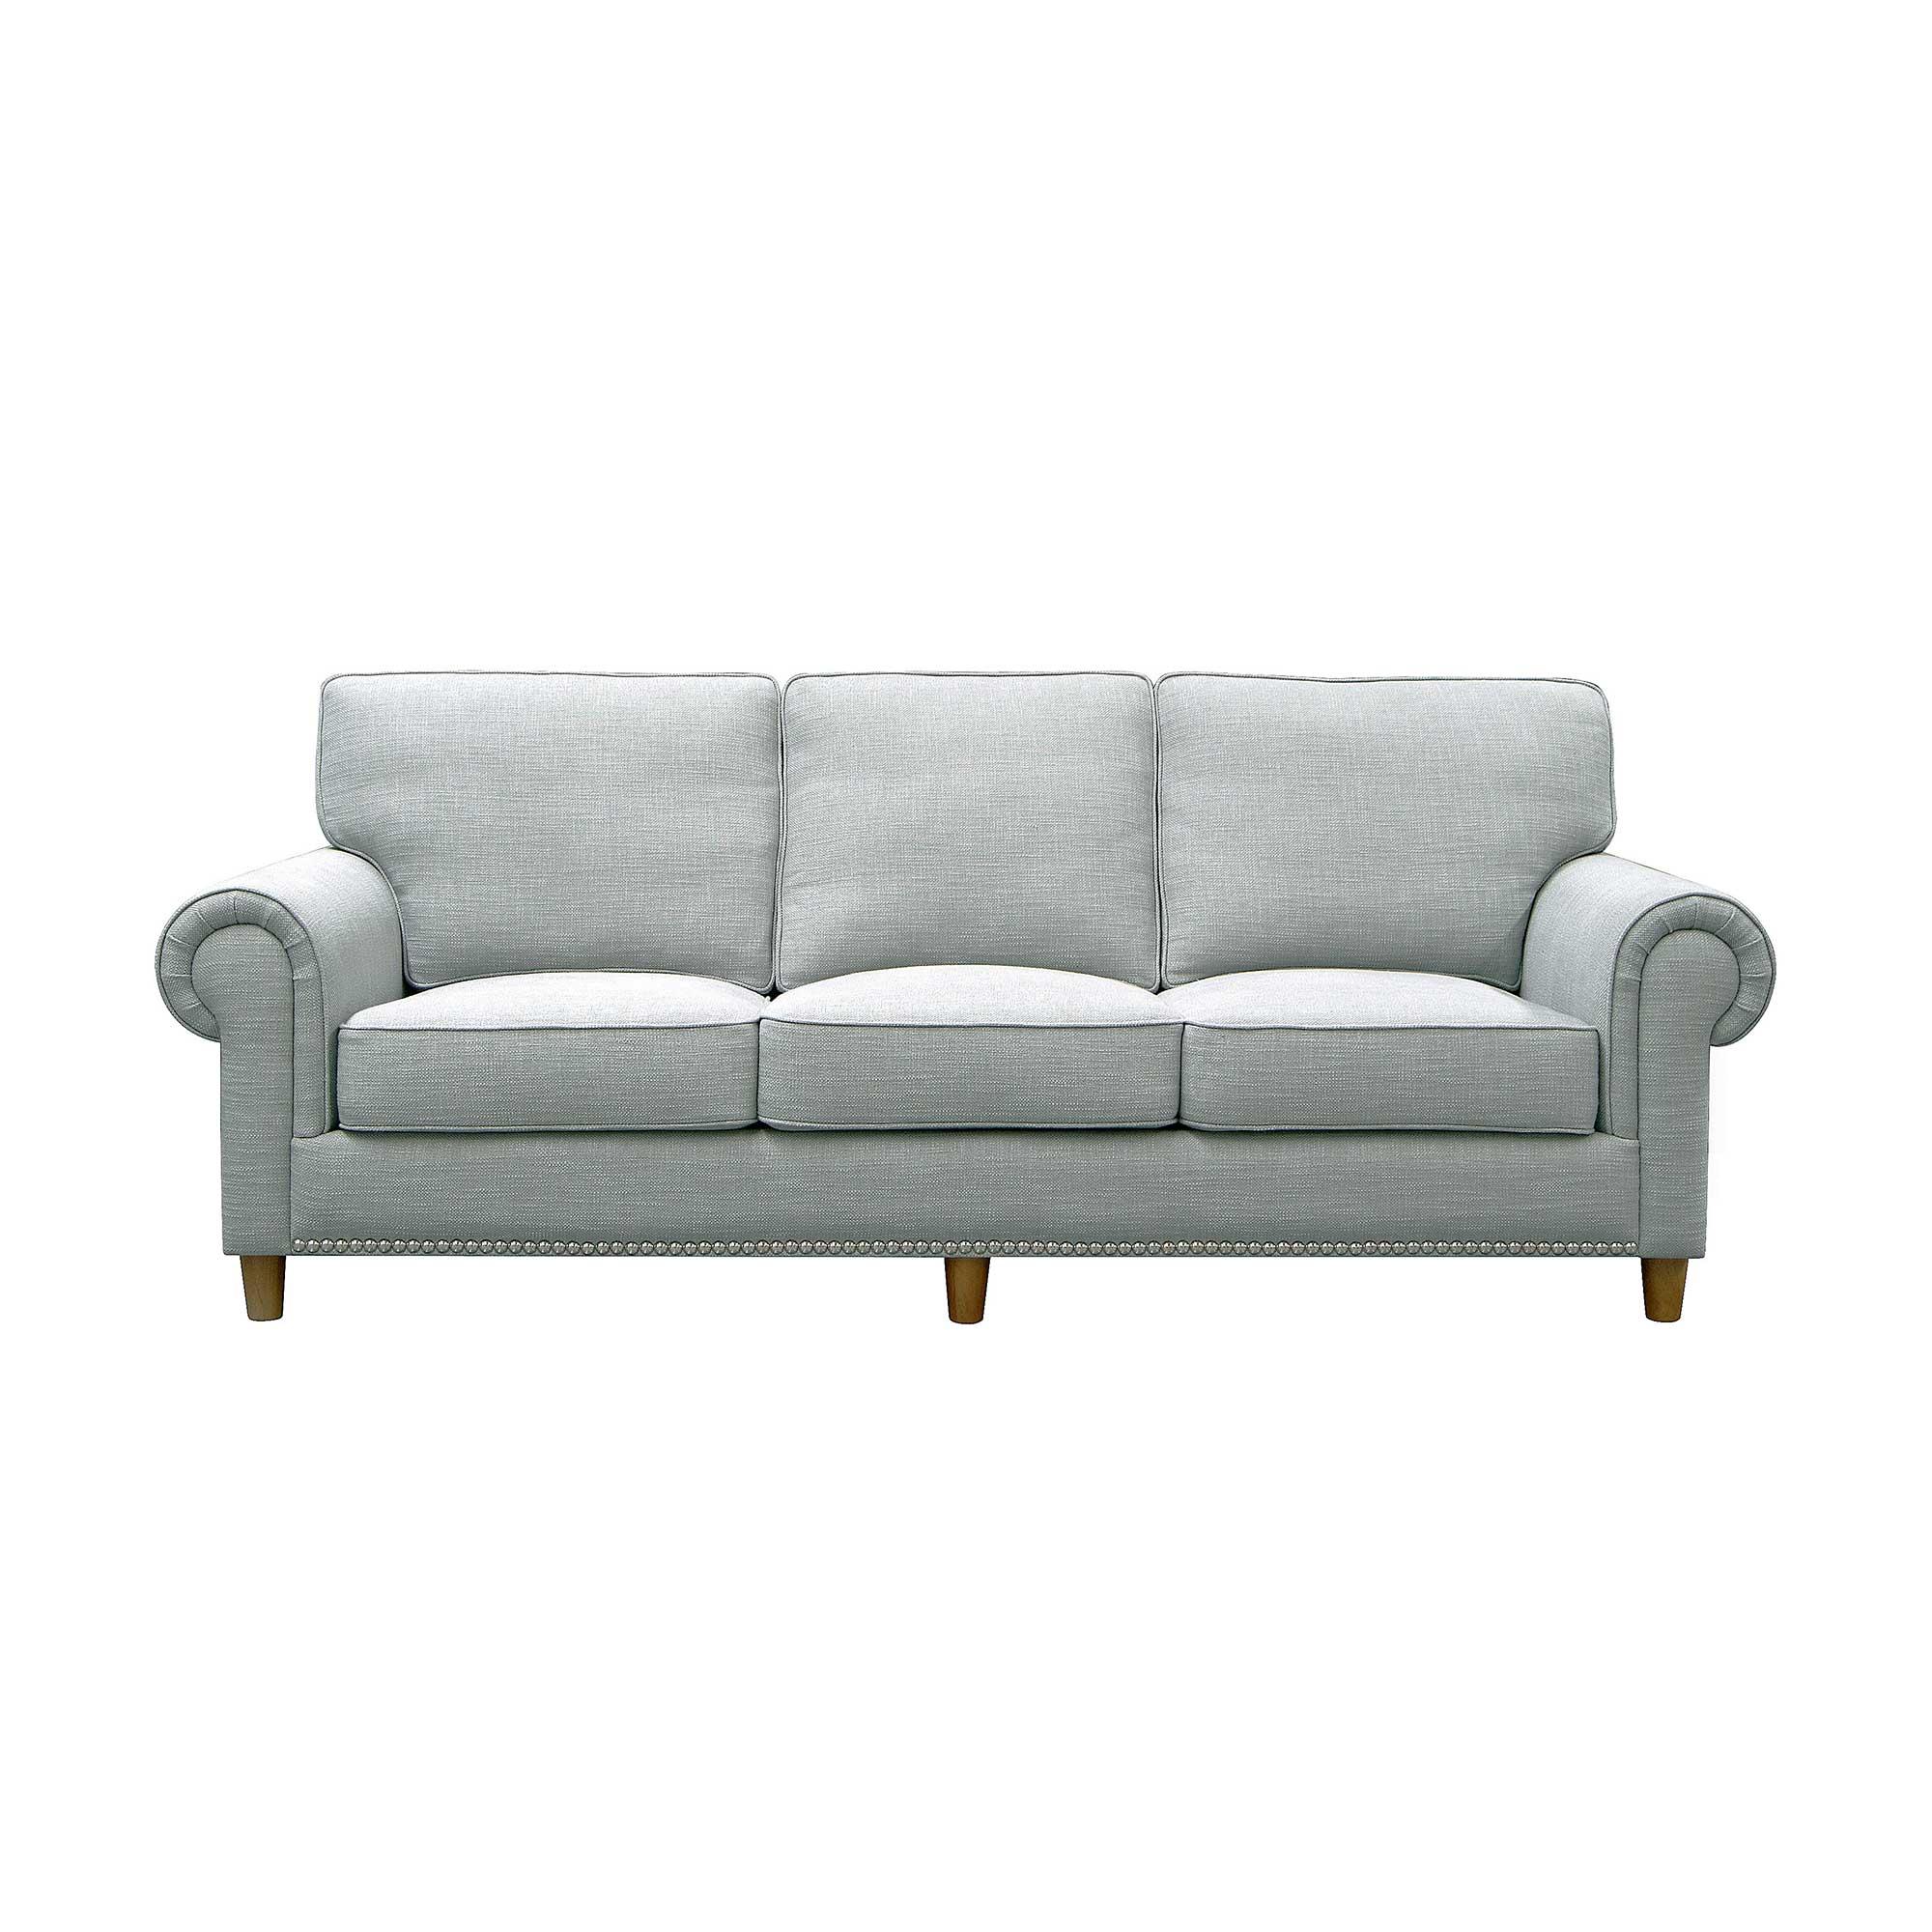 Manor Sofa Moran Furniture